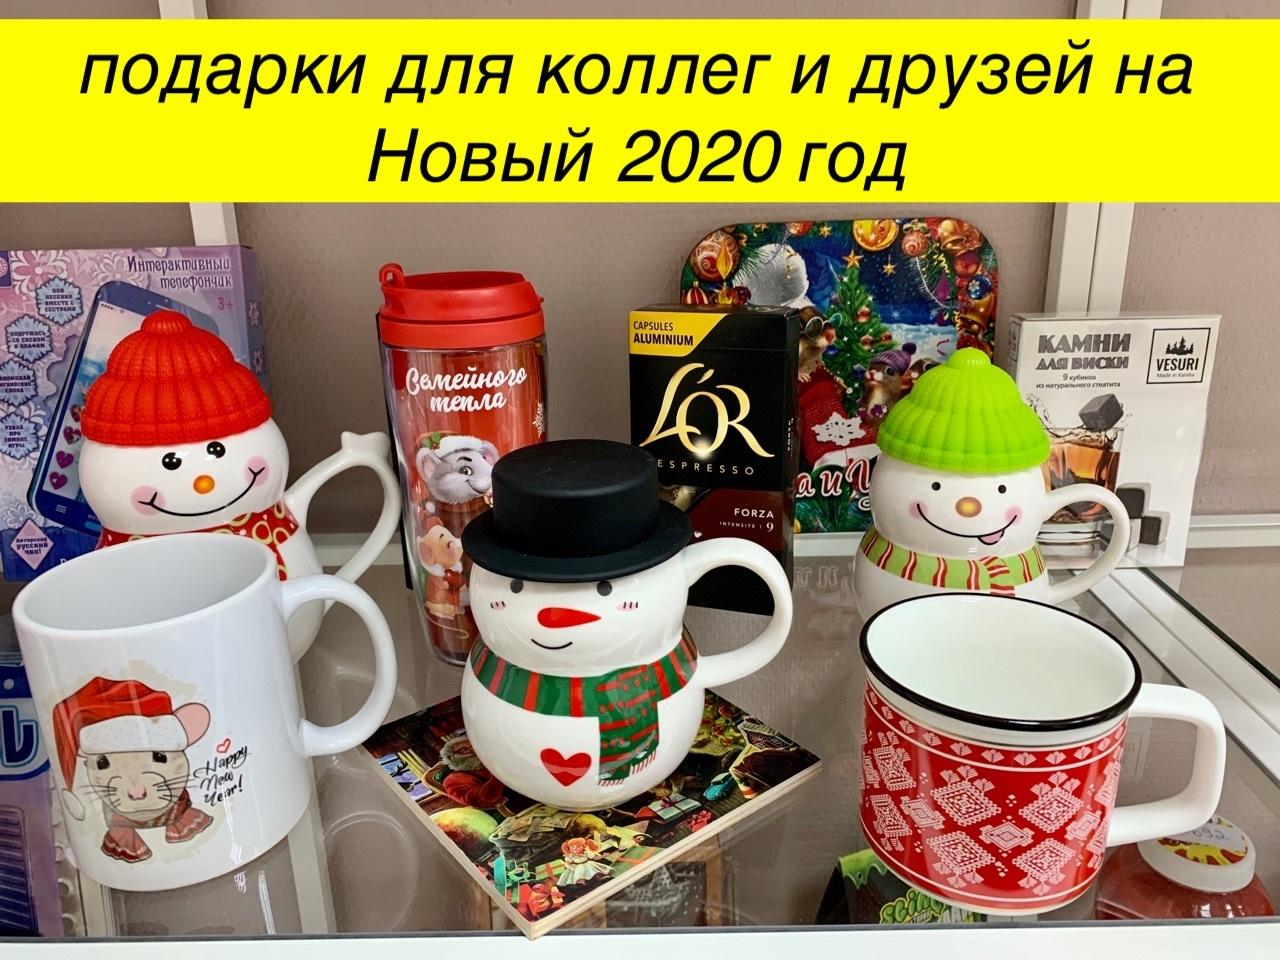 Кружки к Новому 2020 году в наличии